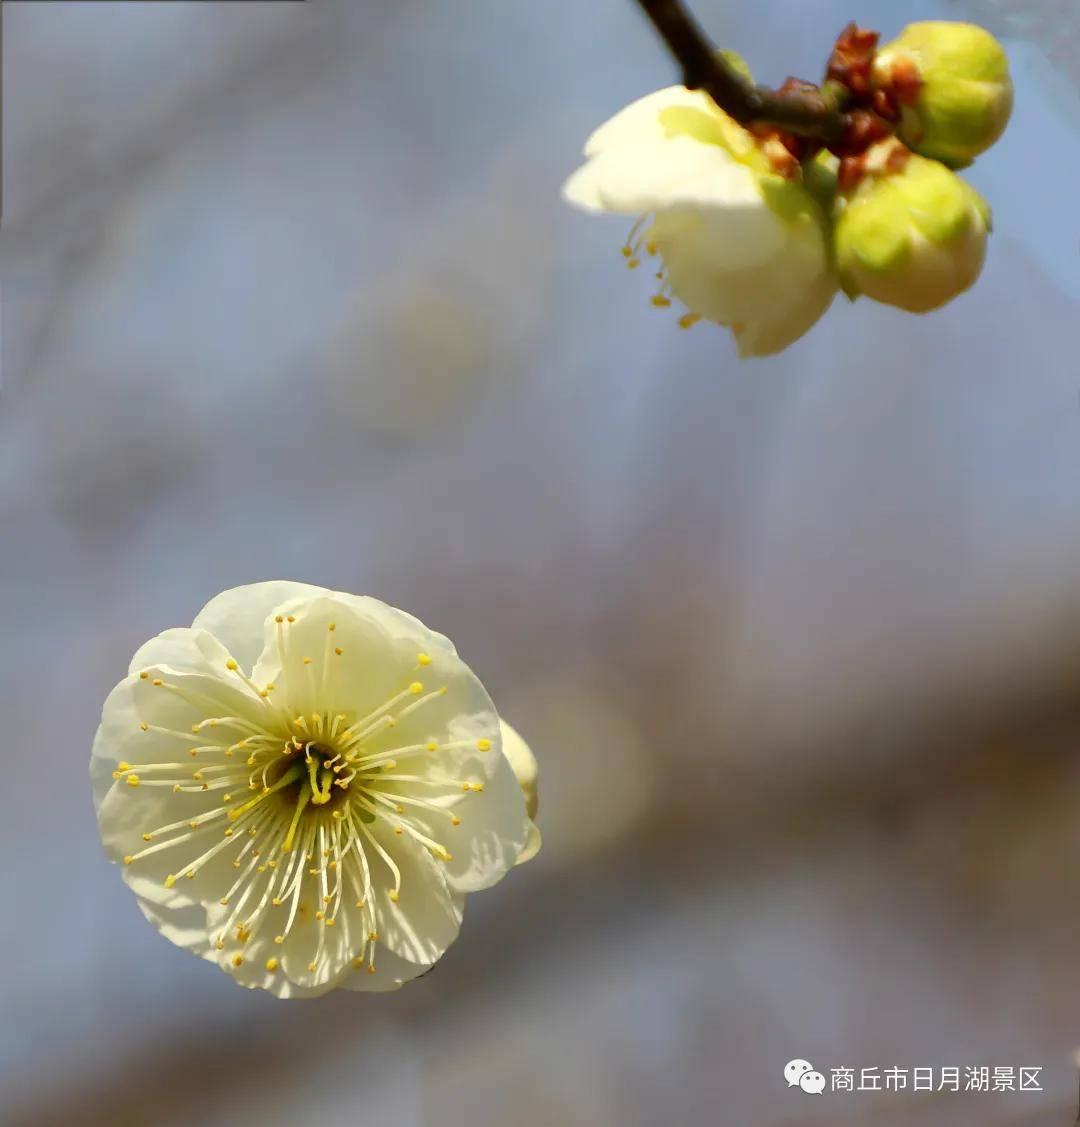 春日微微暖,商丘市日月湖景区即将迎来片片花海